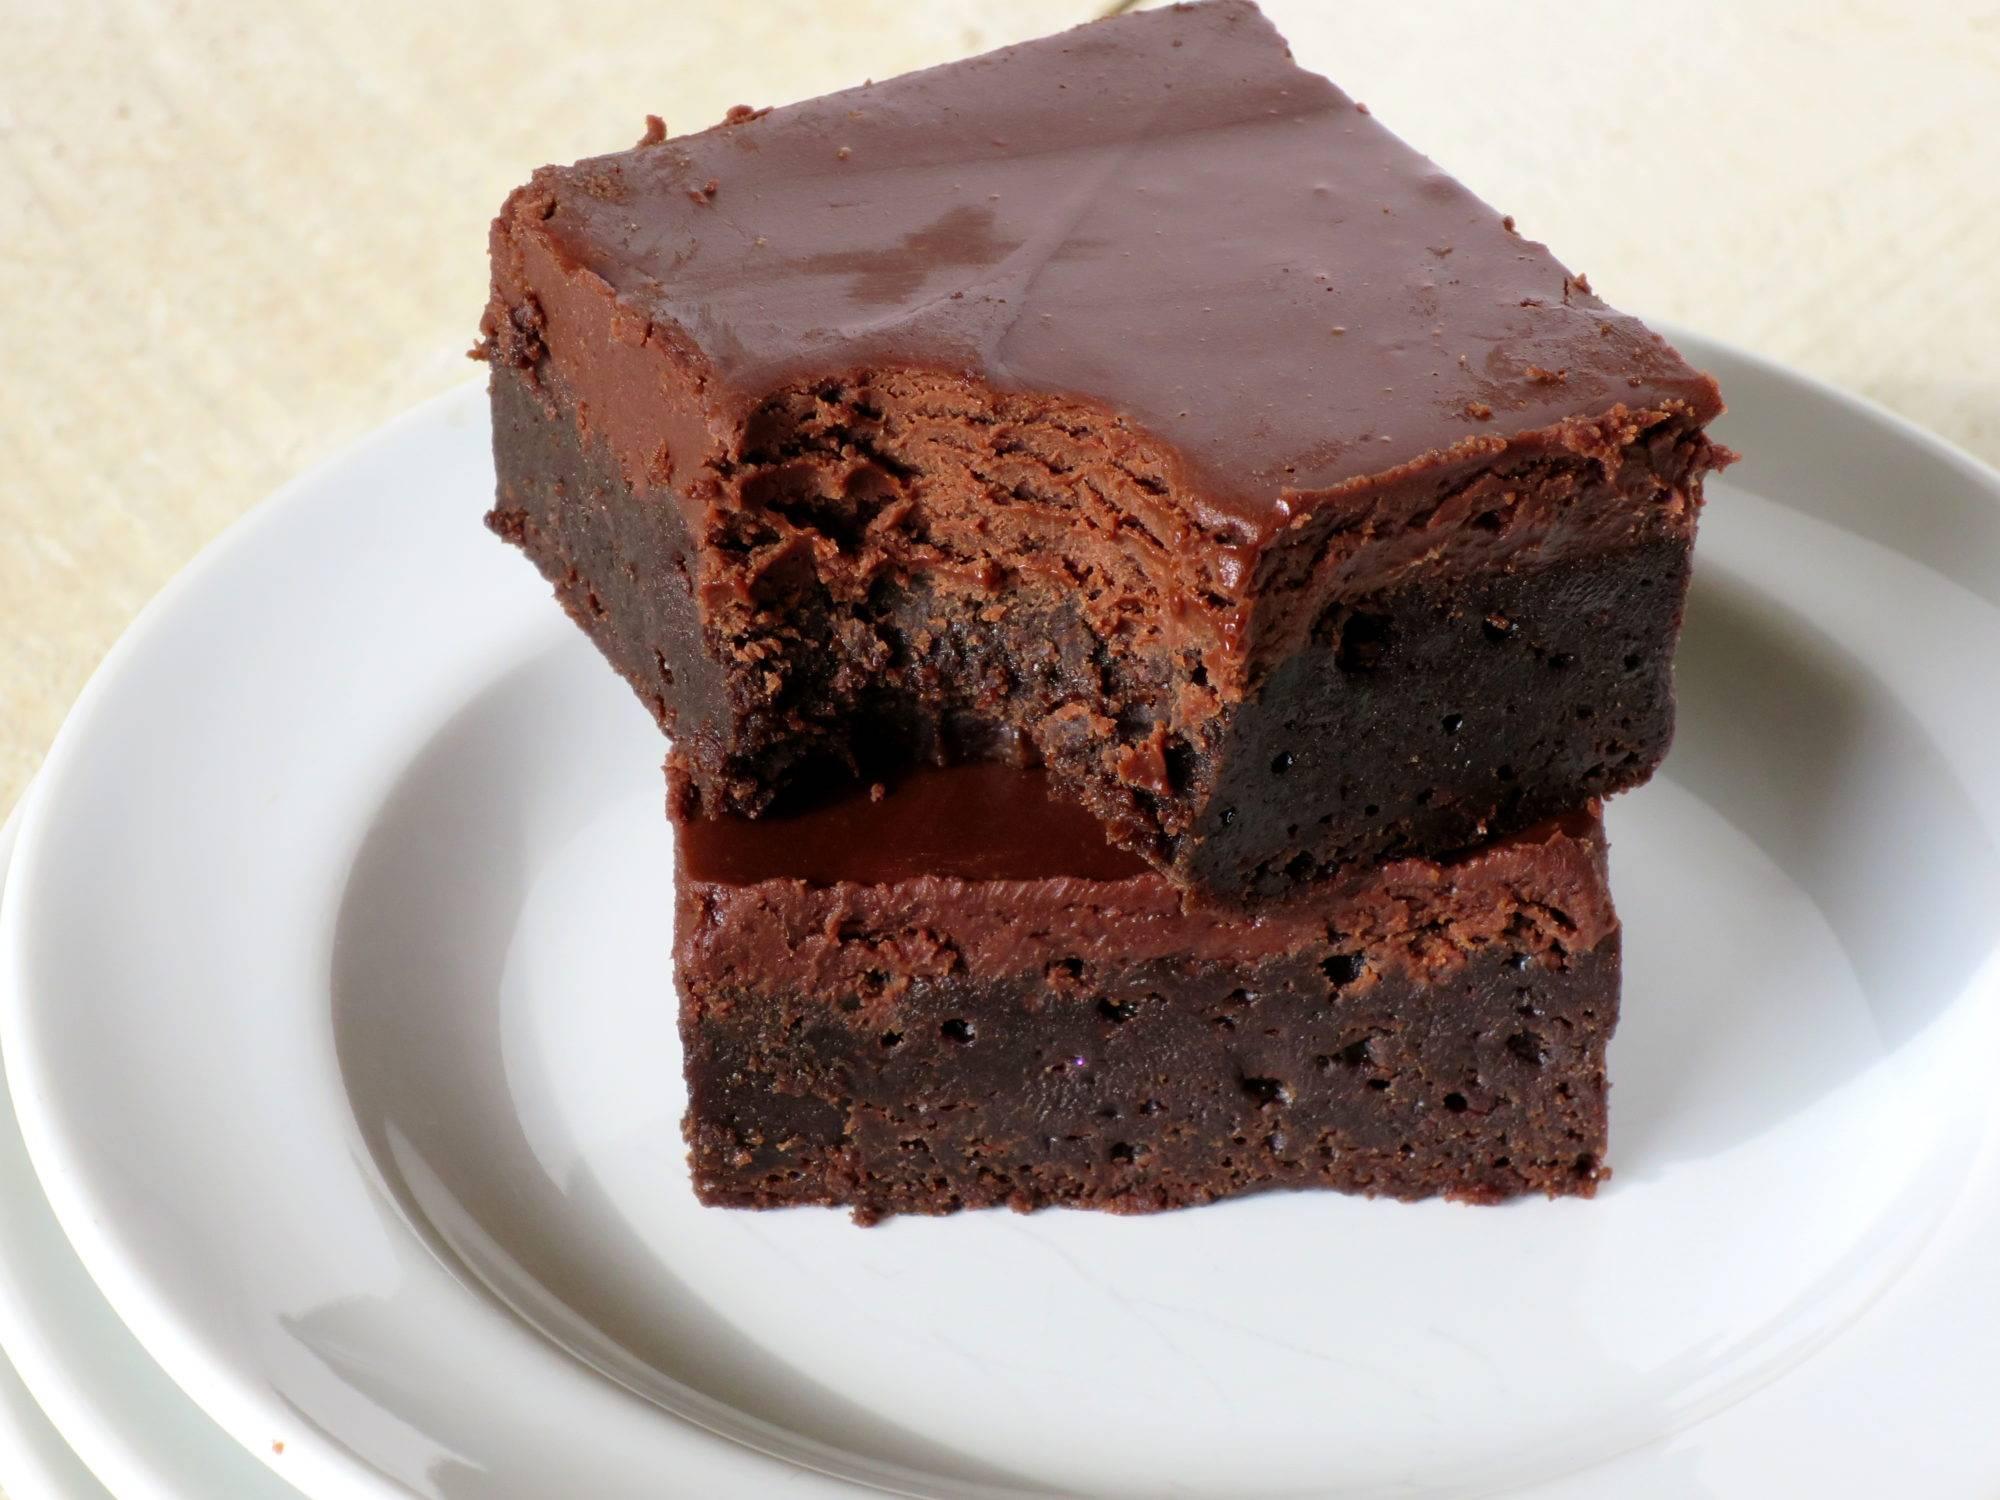 Рецепты брауни: классический, с какао, с вишней, с творогом, с жидкой начинкой